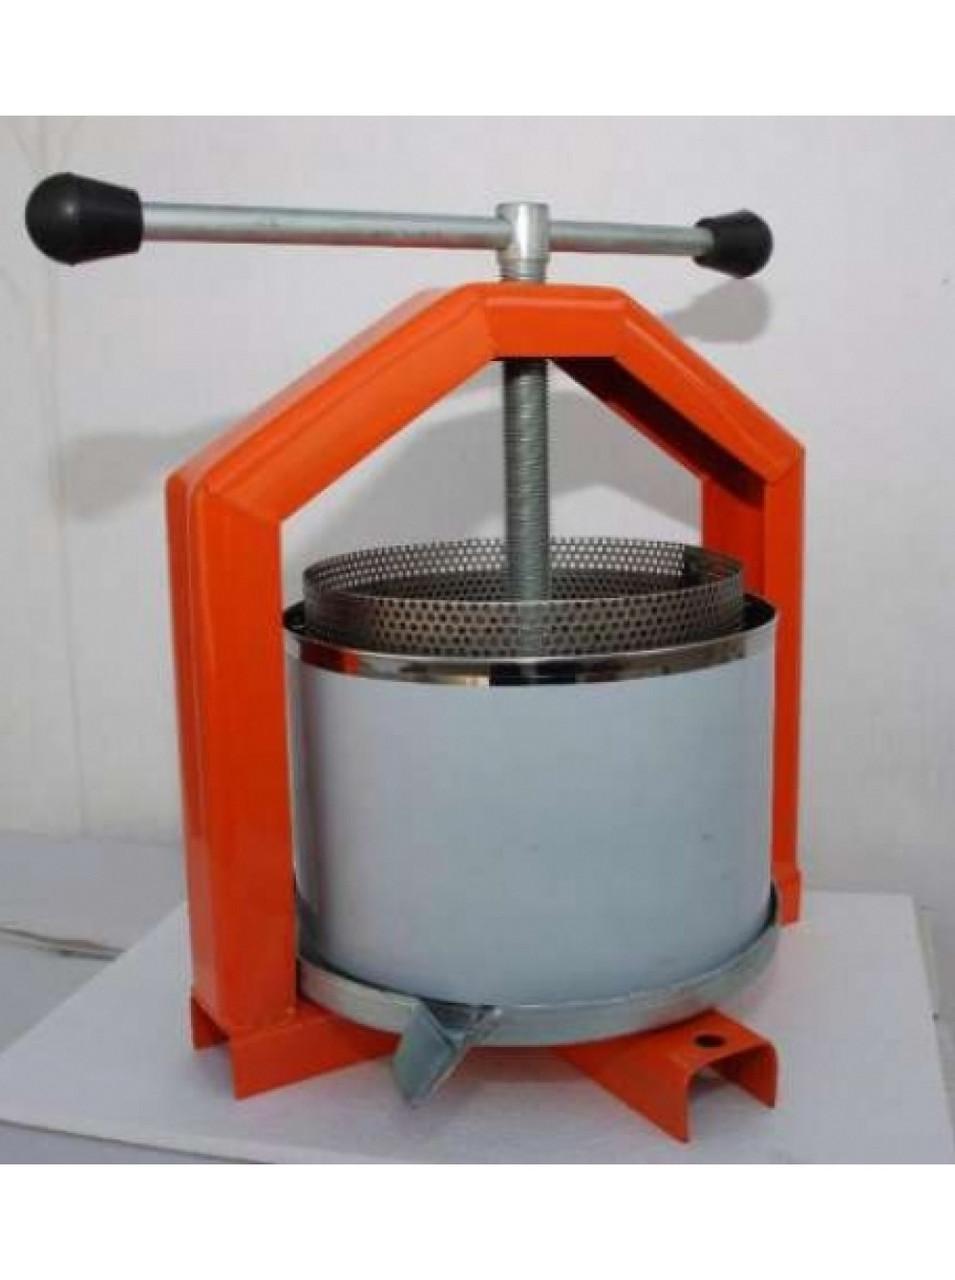 Пресс для отжима сока 10 л нержавейка ручной(Полтава)